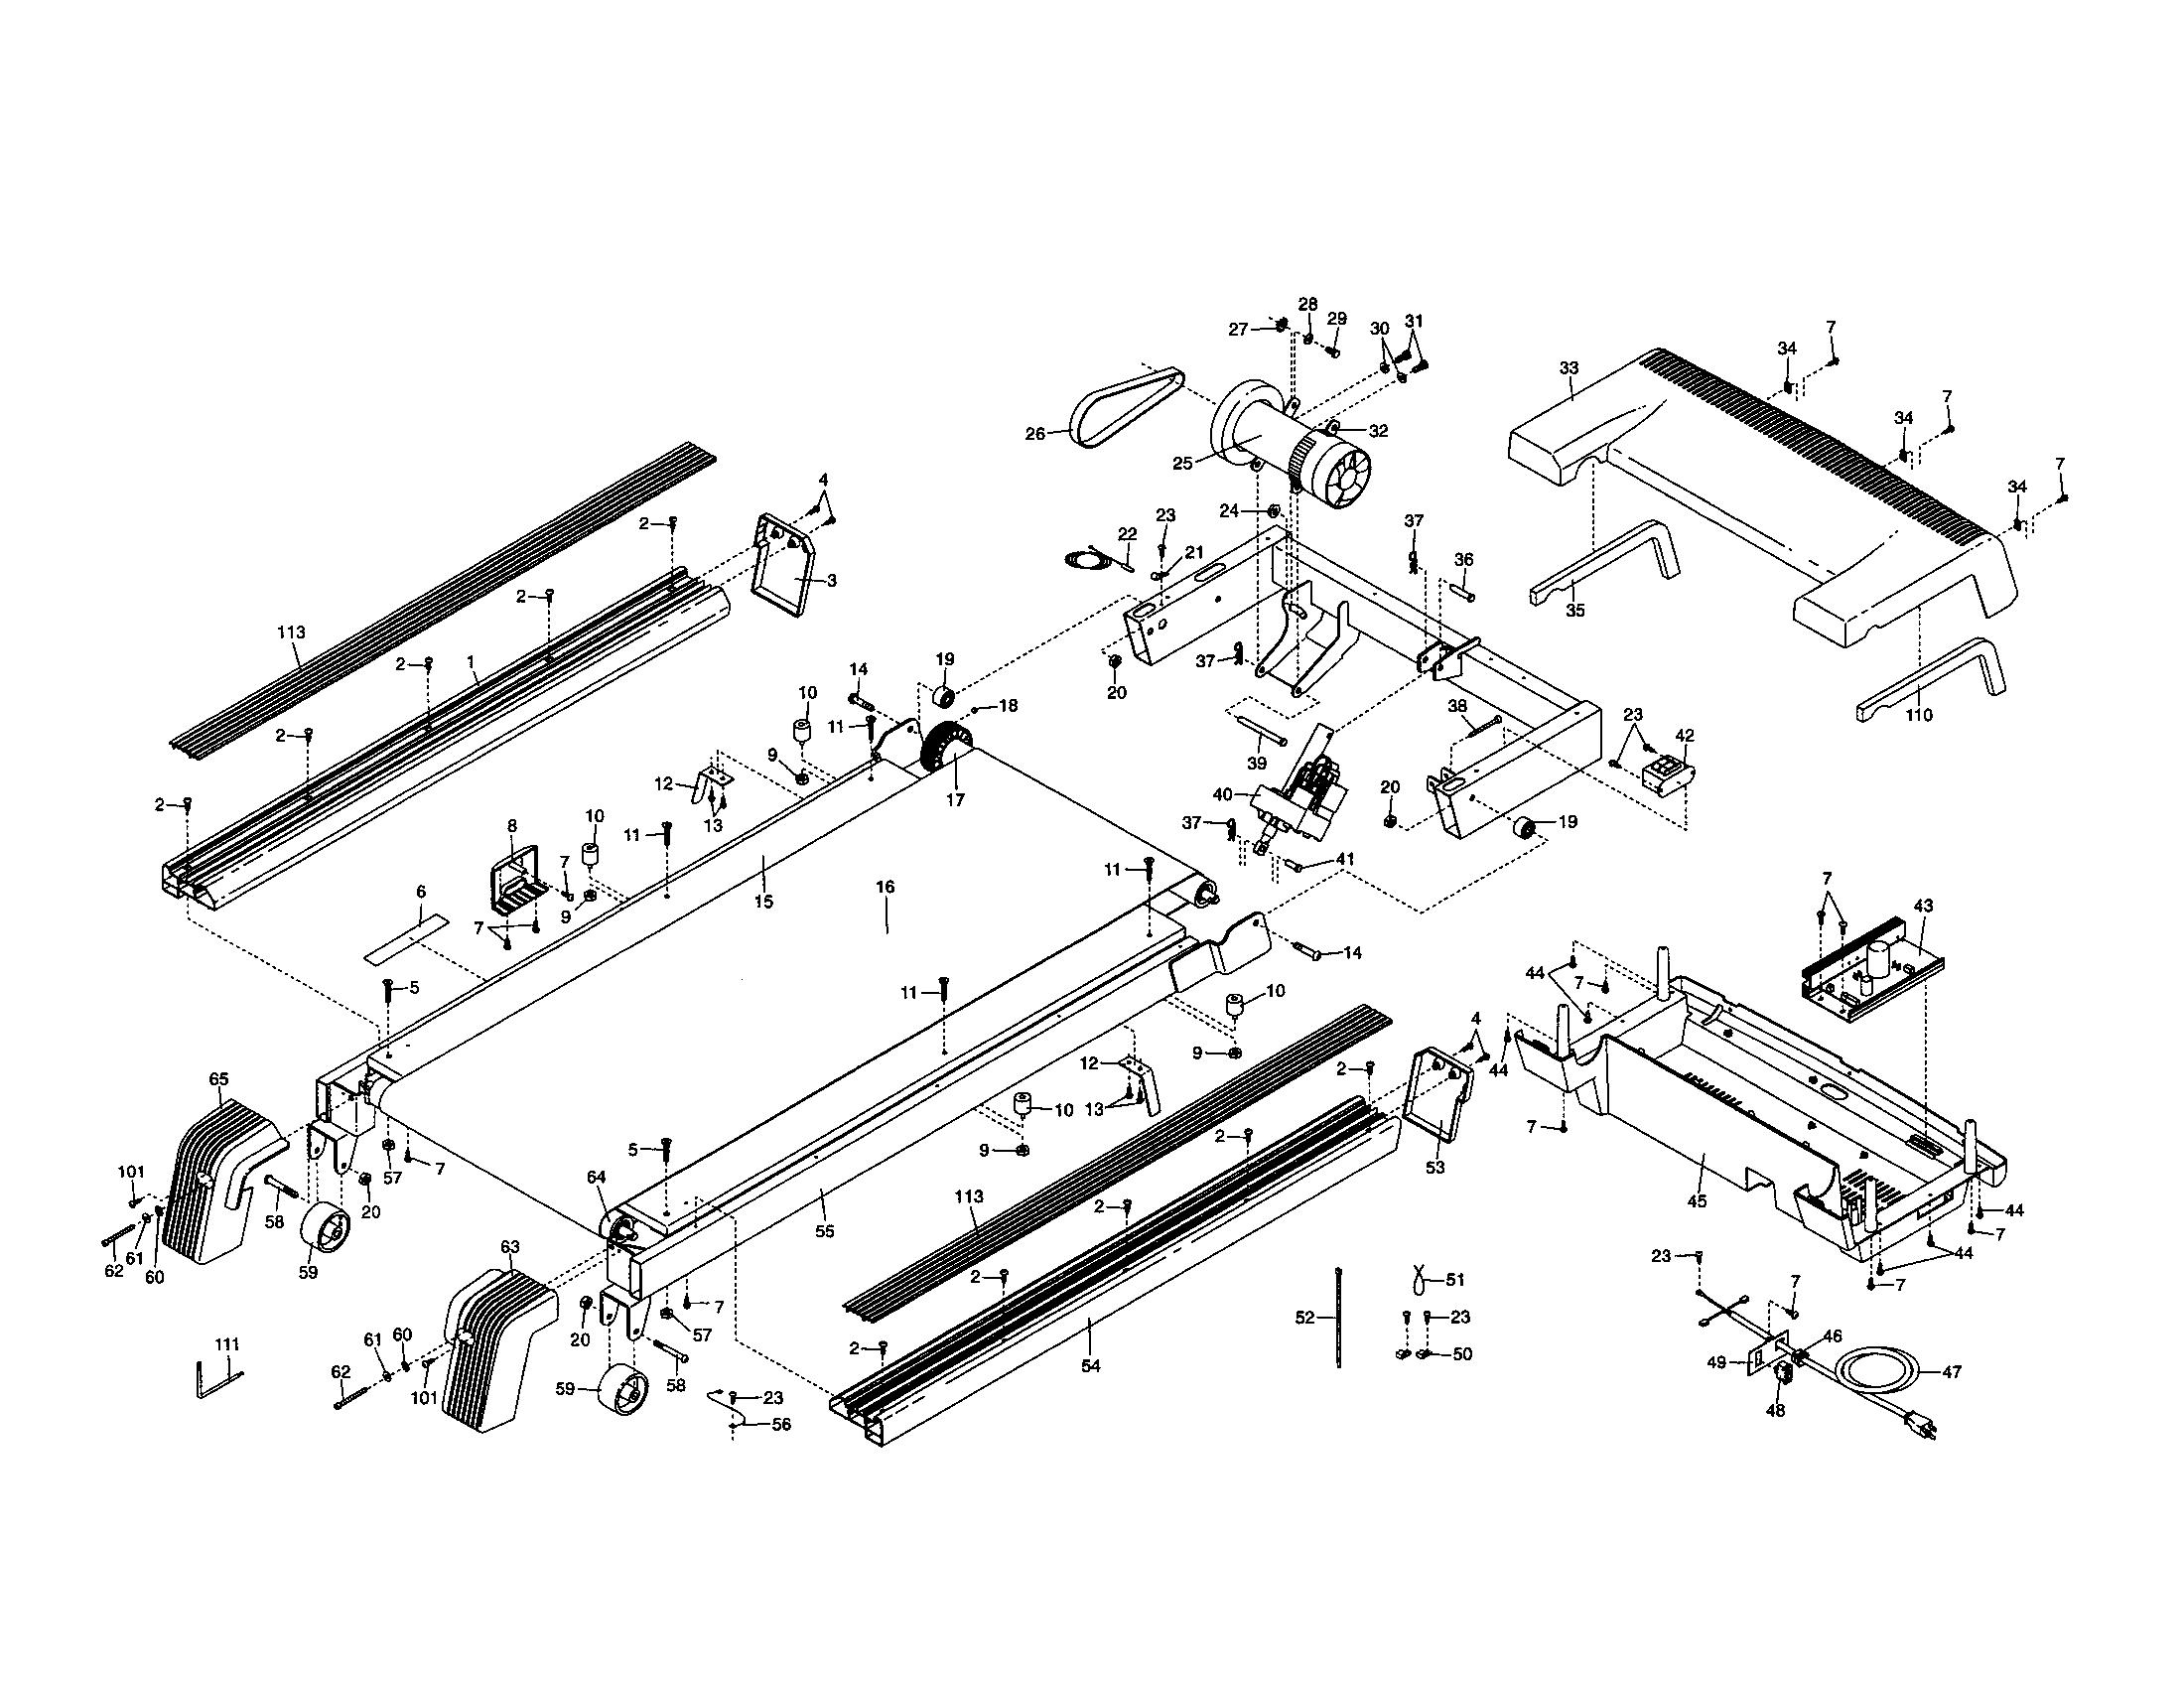 Nordictrack model NTL10850 treadmill genuine parts